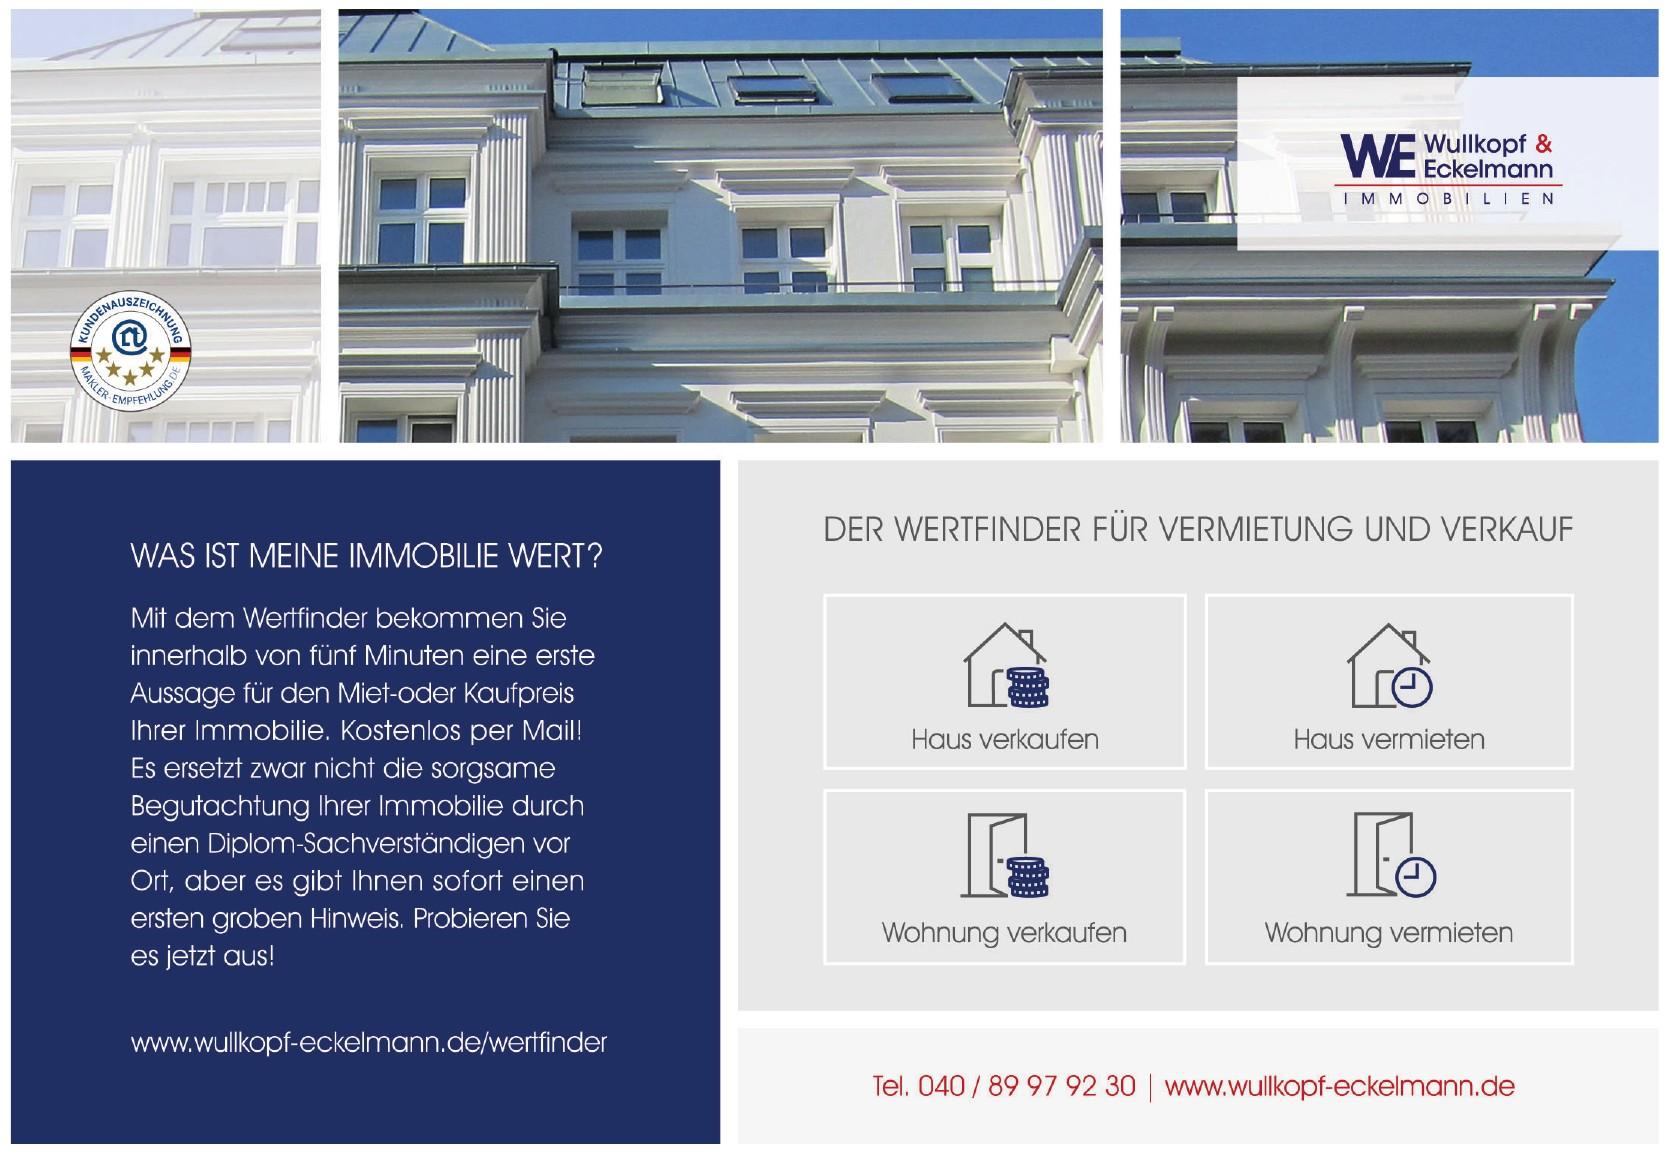 Wullkopf & Eckelmann Immobilien GmbH & Co. KG